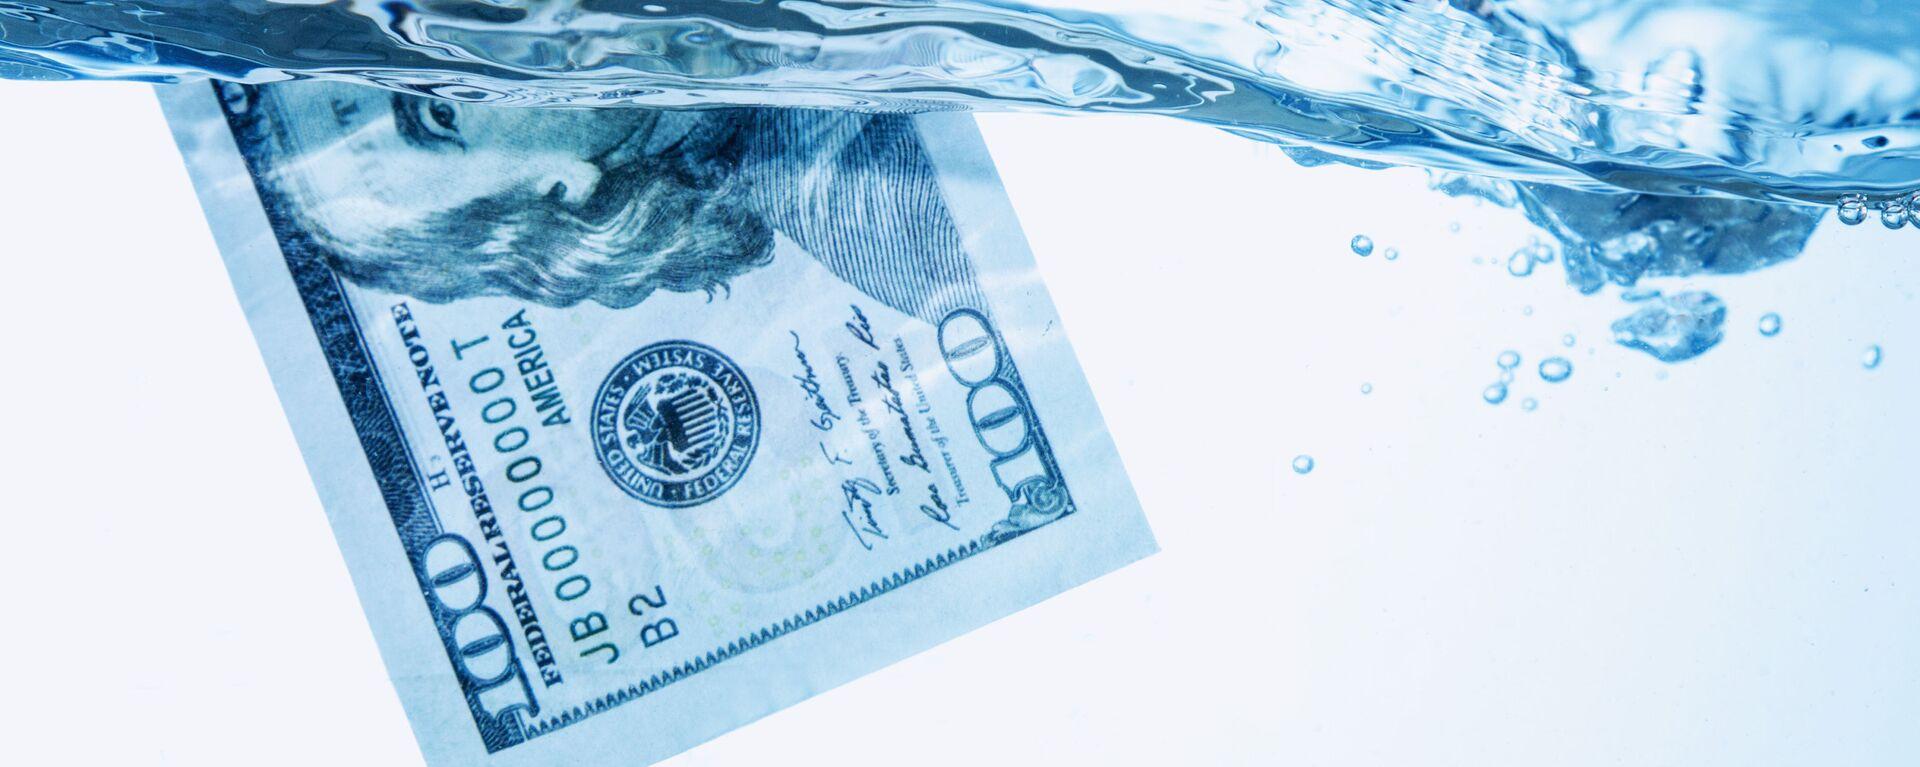 riciclaggio dei soldi sporchi - Sputnik Italia, 1920, 11.06.2020